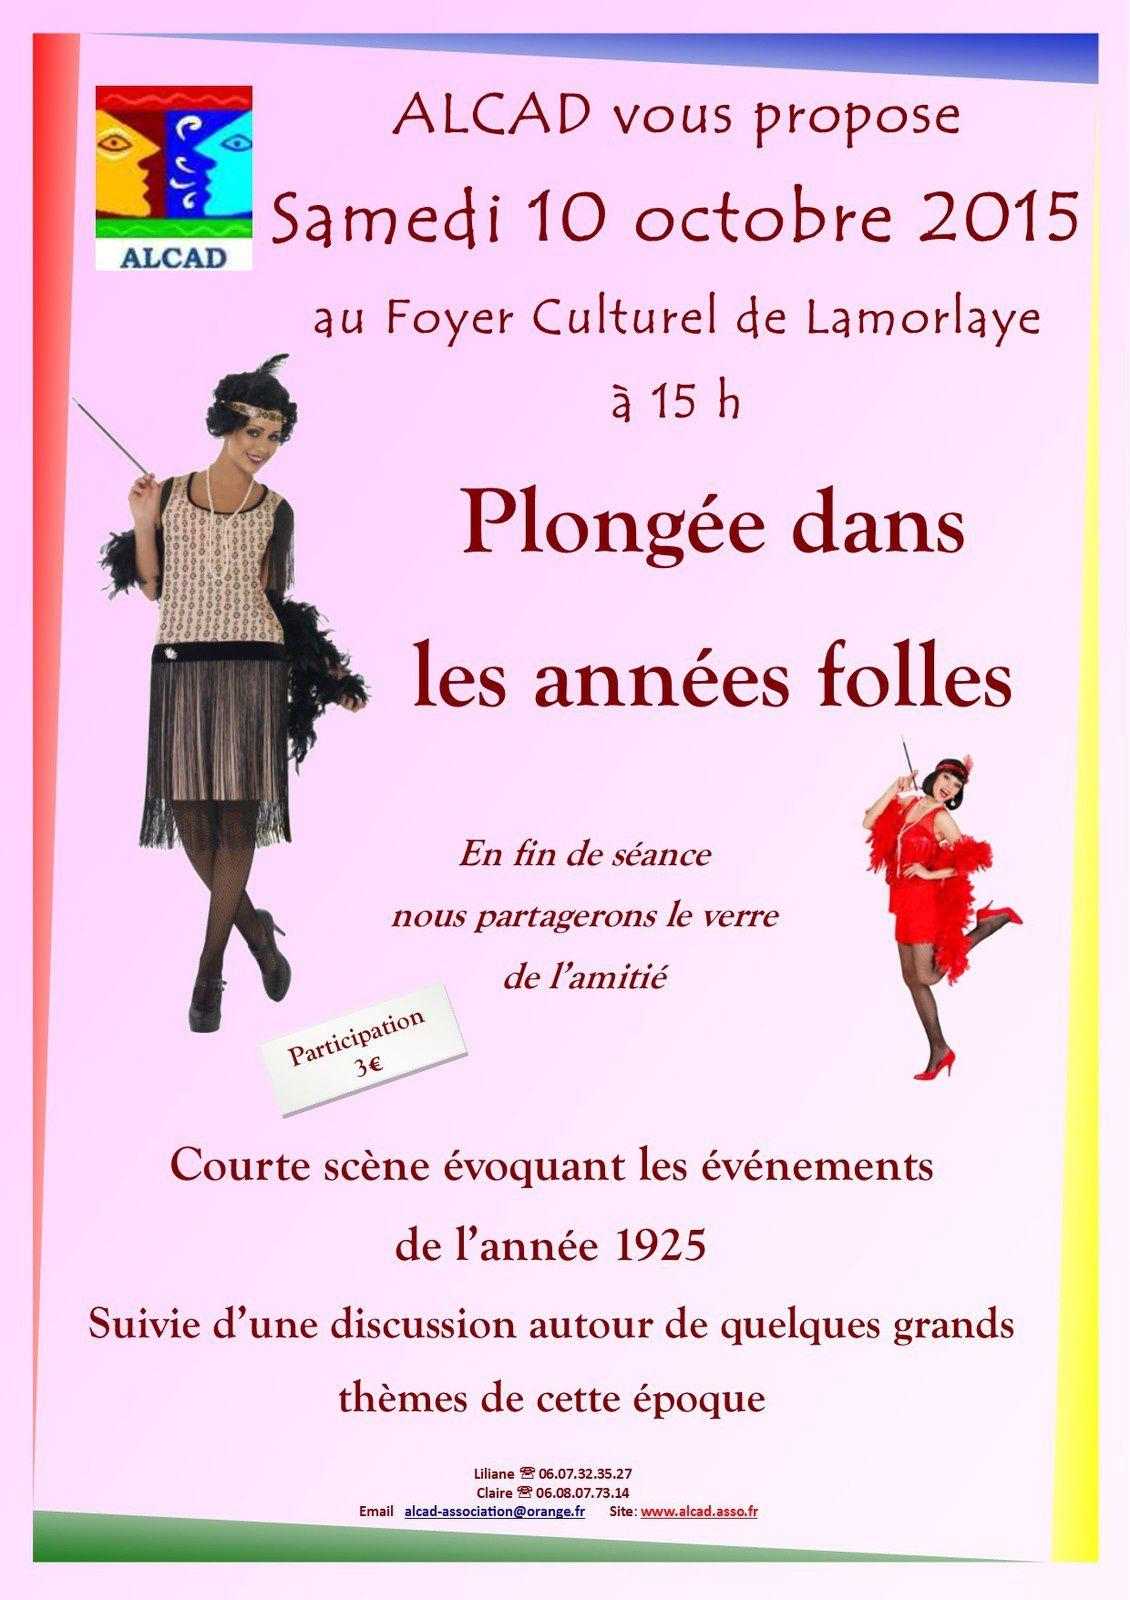 Plongée dans les années folles samedi 10 octobre à 15h au Foyer Culturel de Lamorlaye